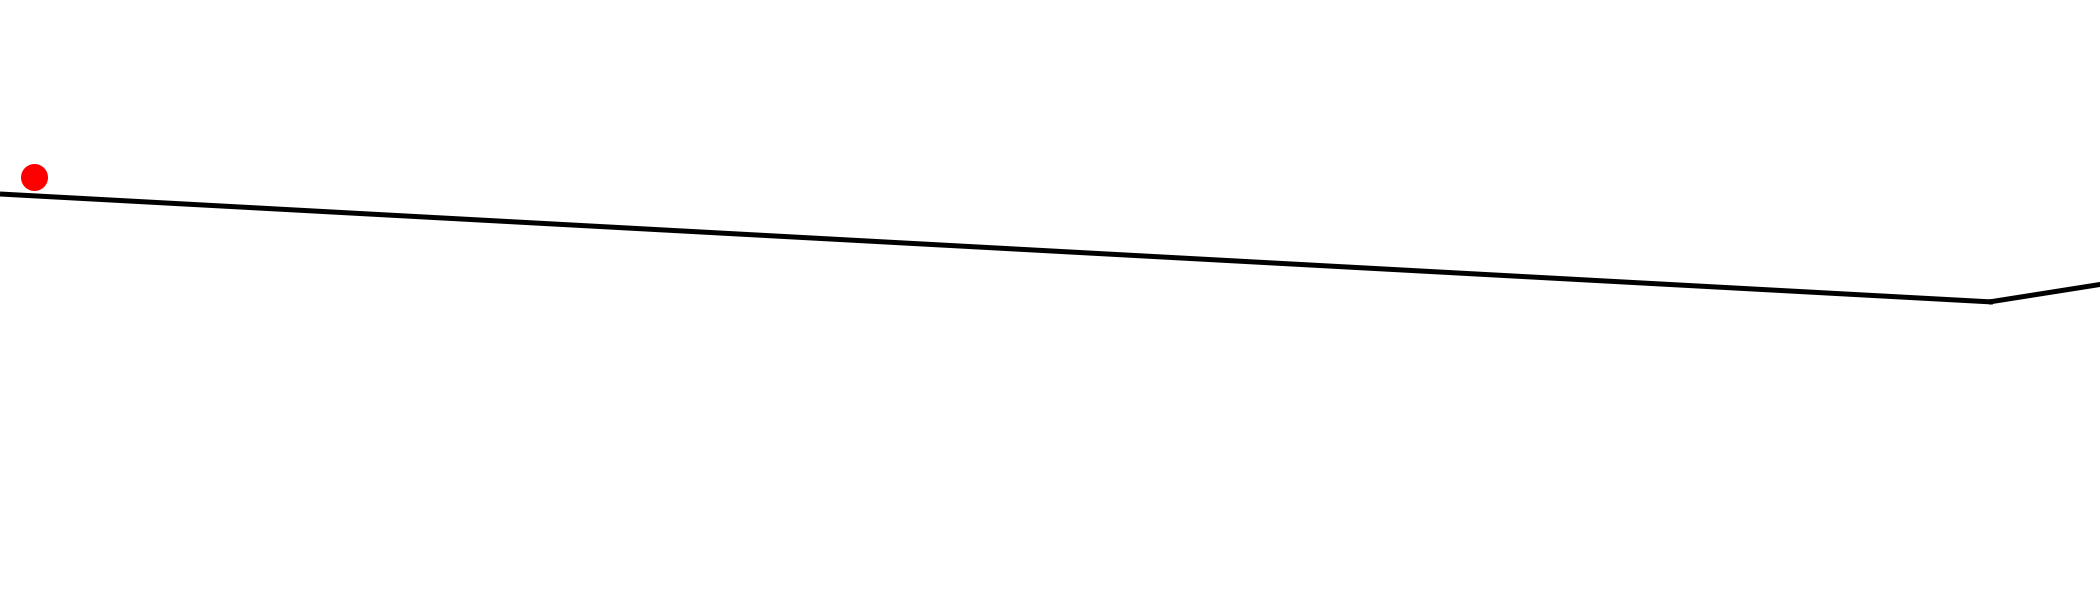 경사 작은 그림2